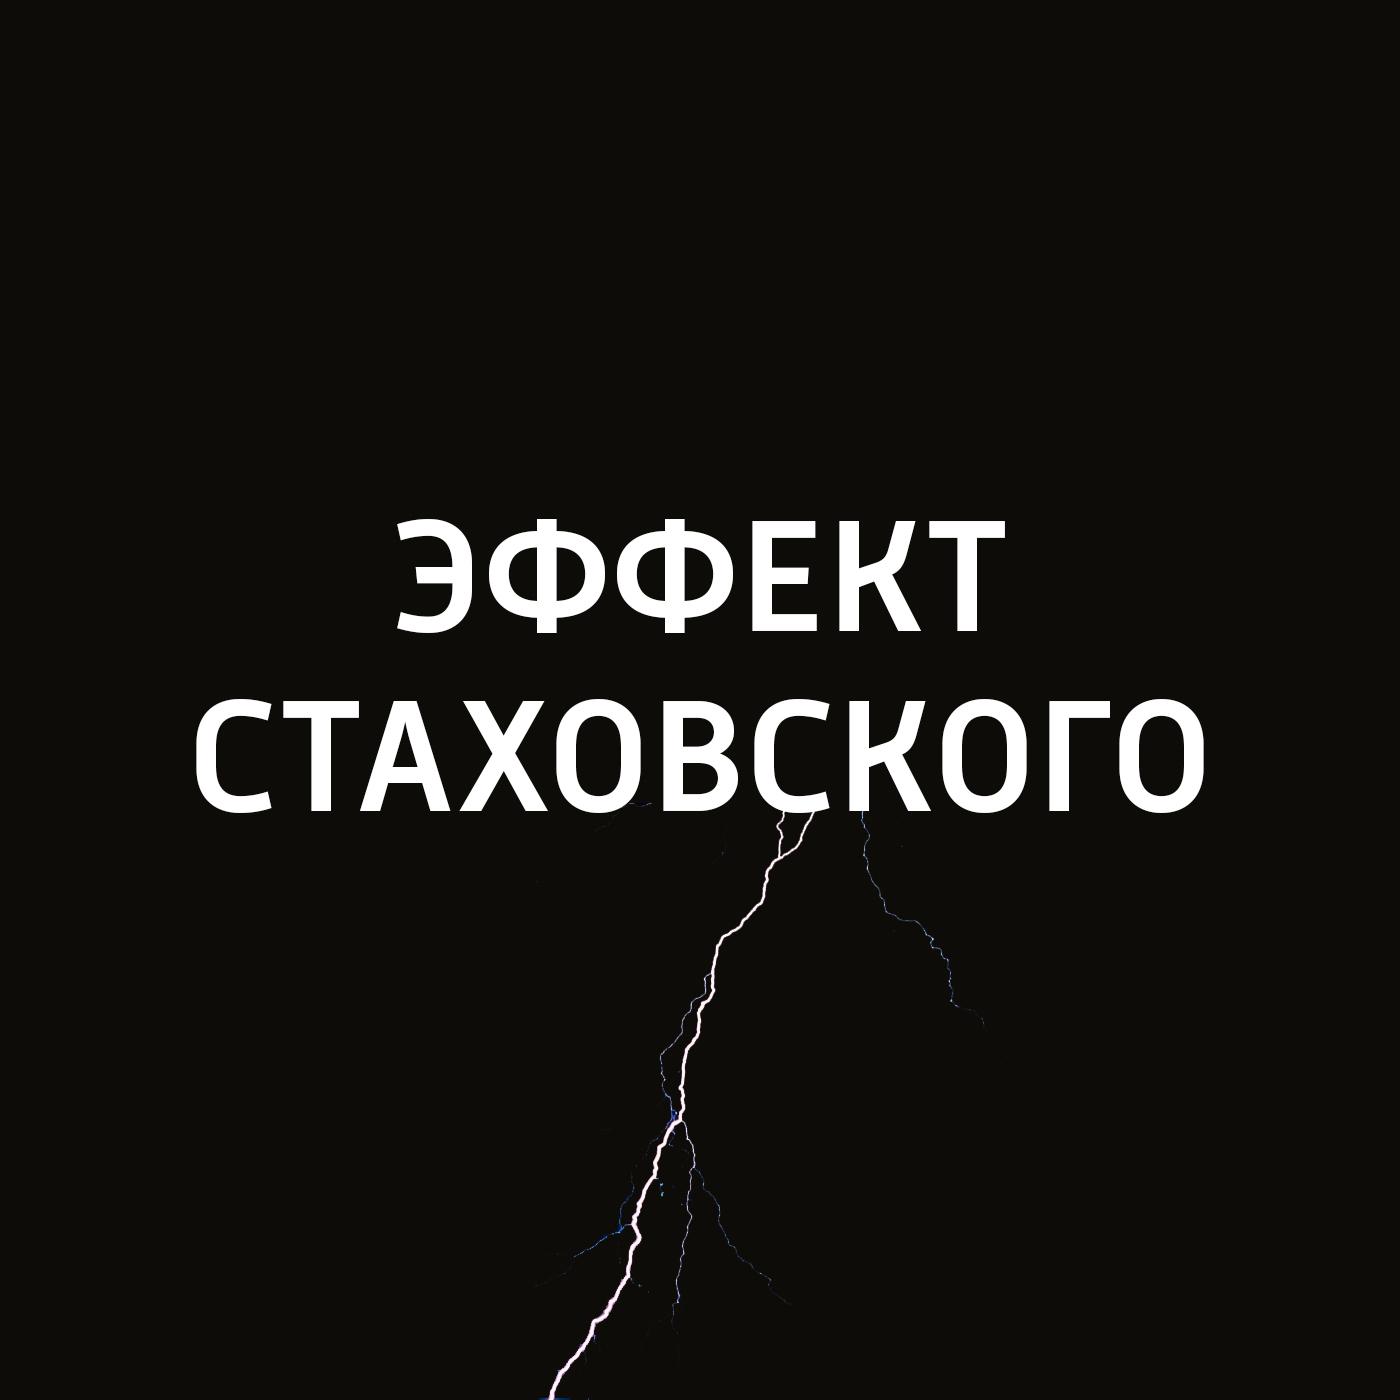 Евгений Стаховский Баббит петров в простейшие приемы изобретательства общие принципы получения идей 4 способа получения новых идей